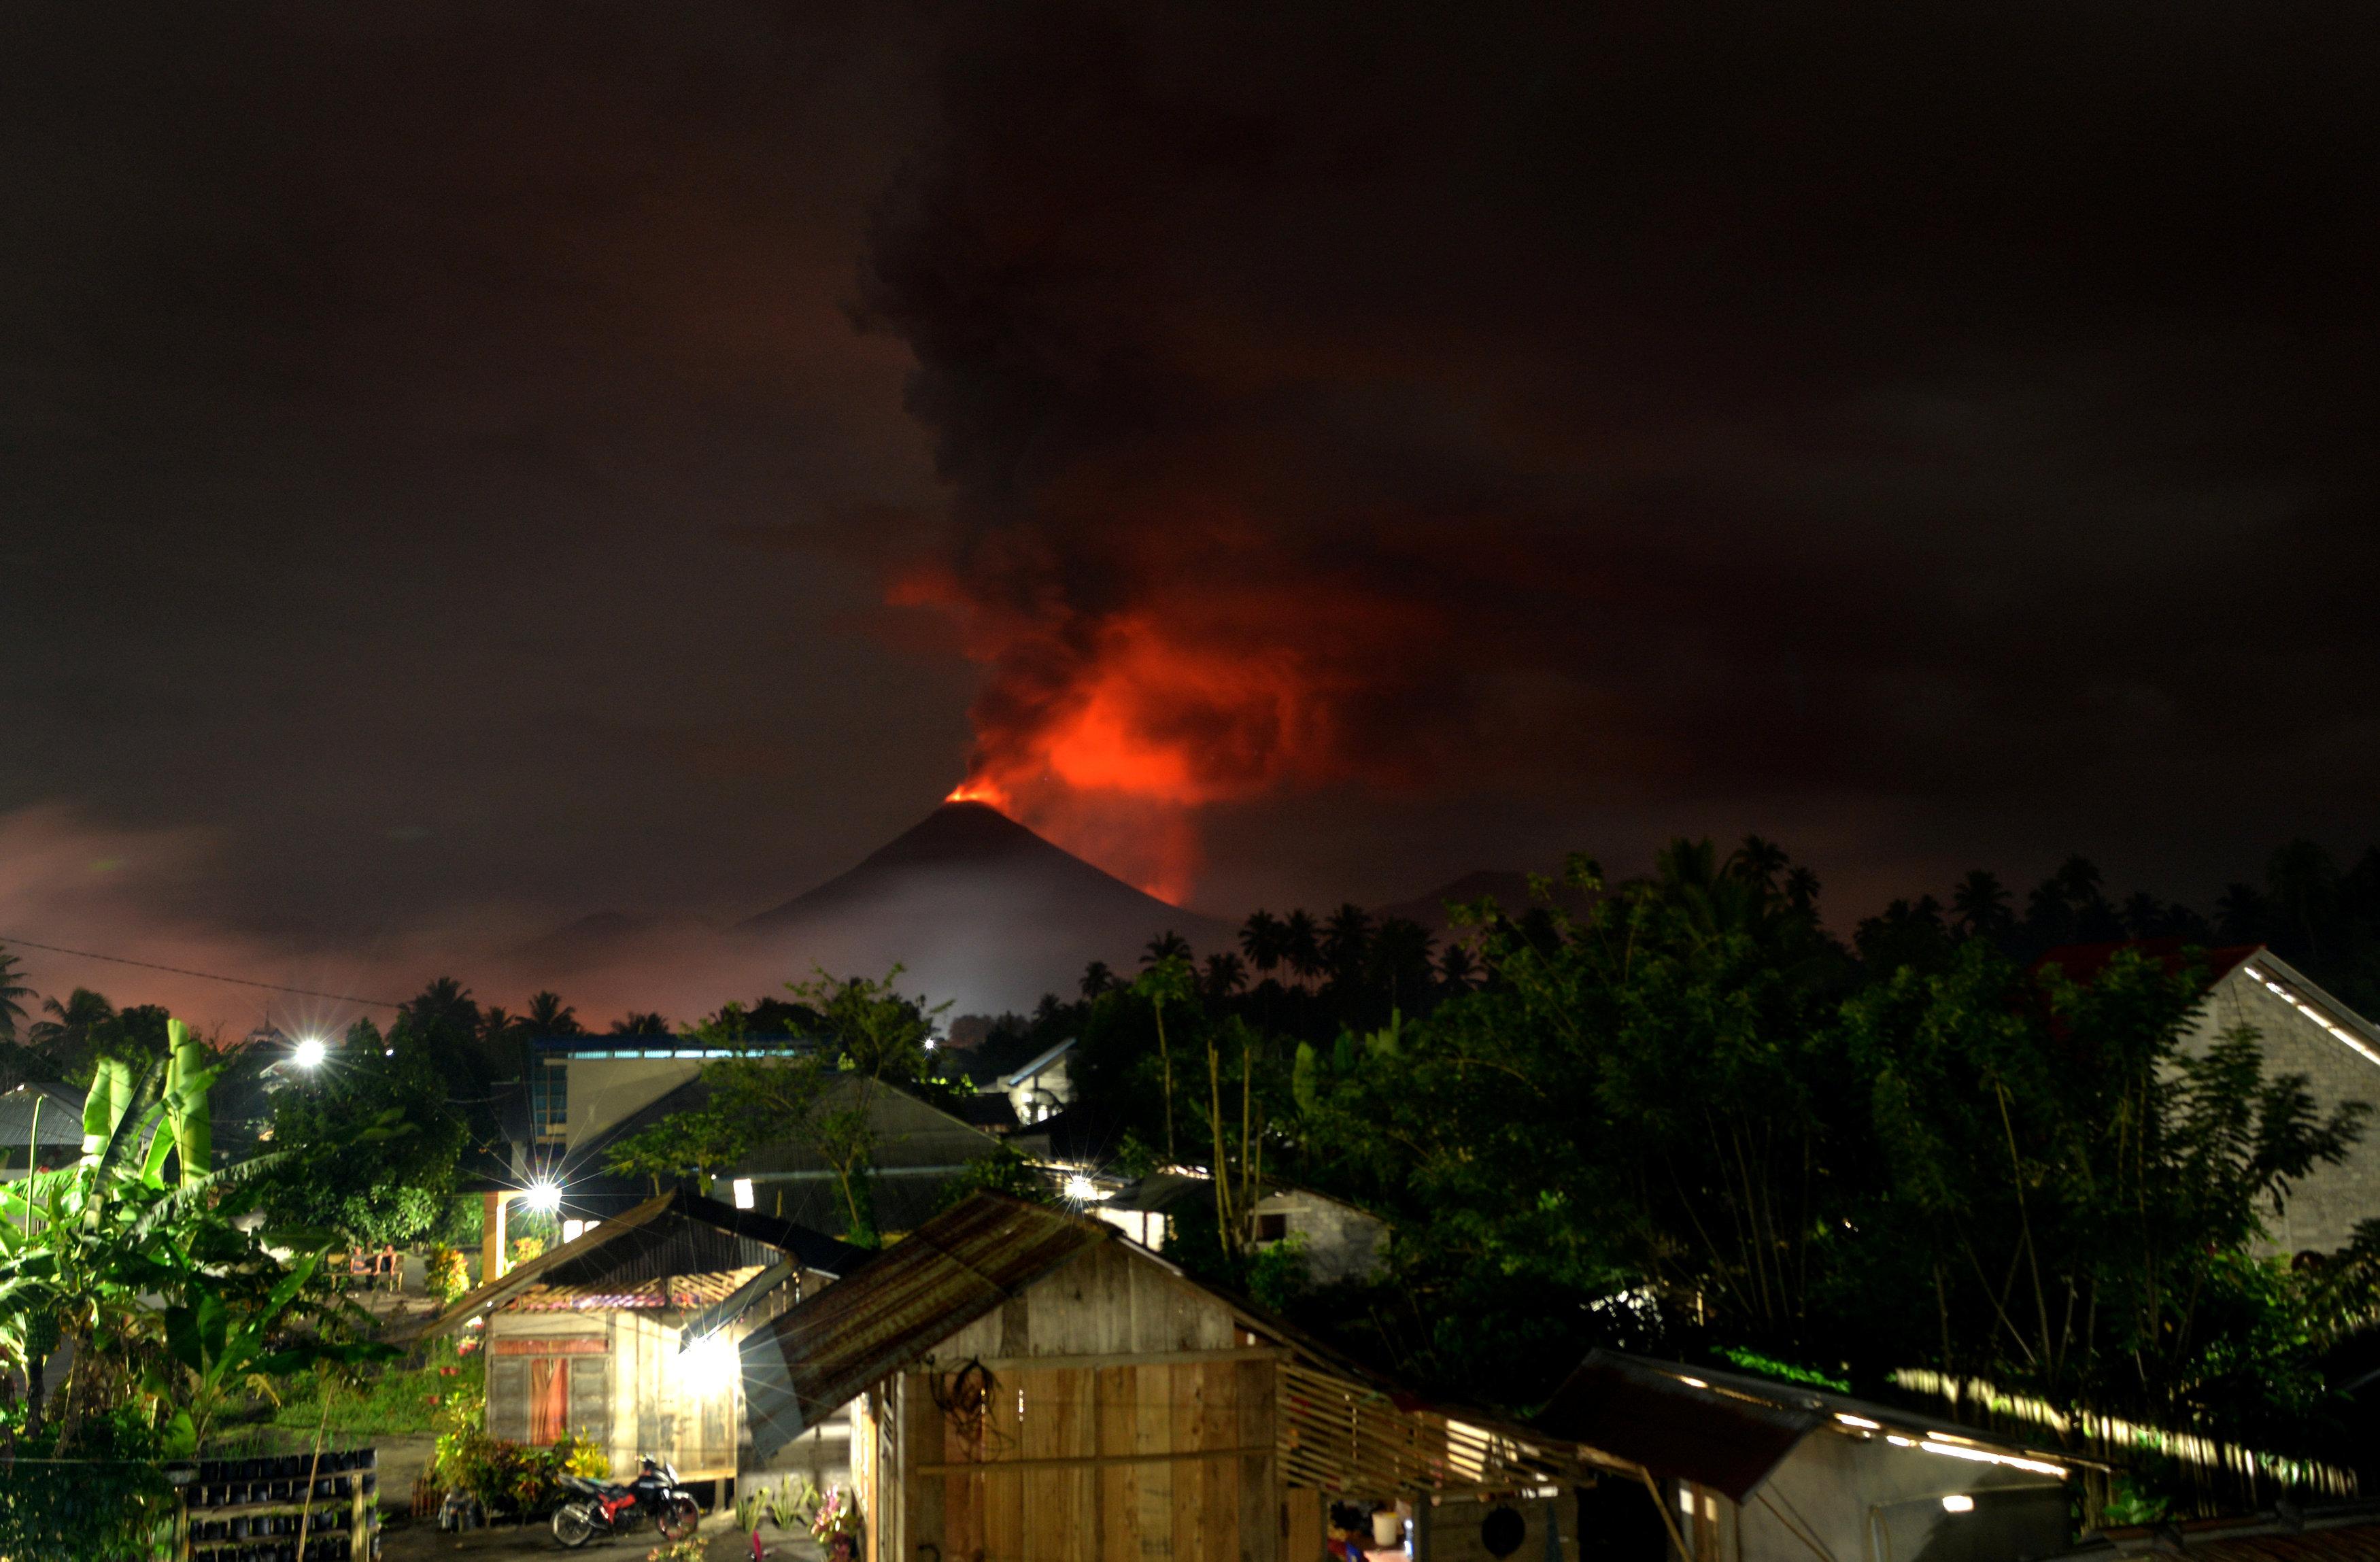 تجدد انفجار بركان جبل سوبوتان بوسط إندونيسيا (2)